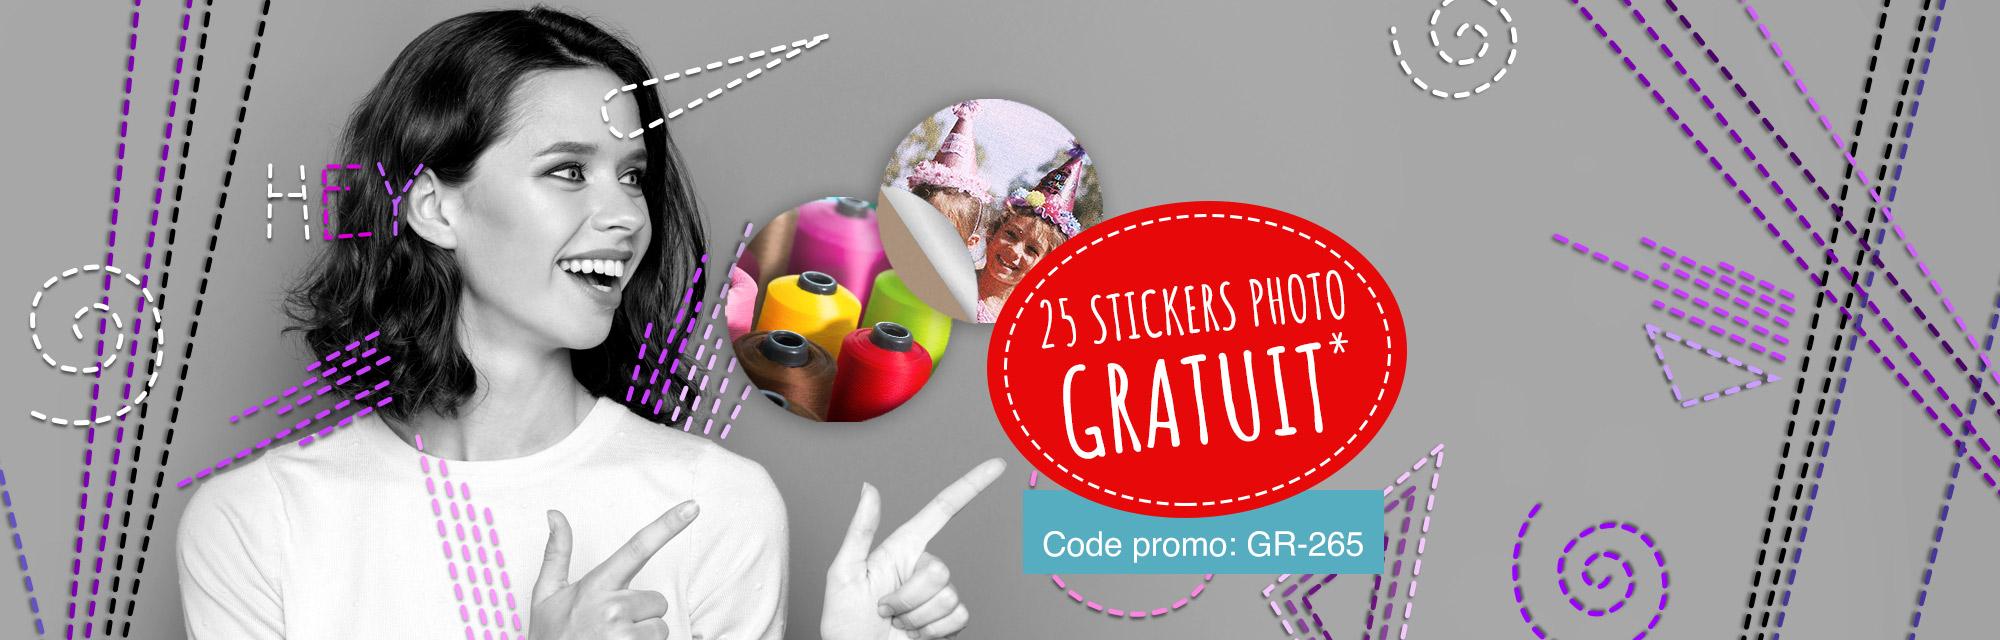 Offre spéciale: Nous vous offrons 25 stickers avec la photo de votre choix!*